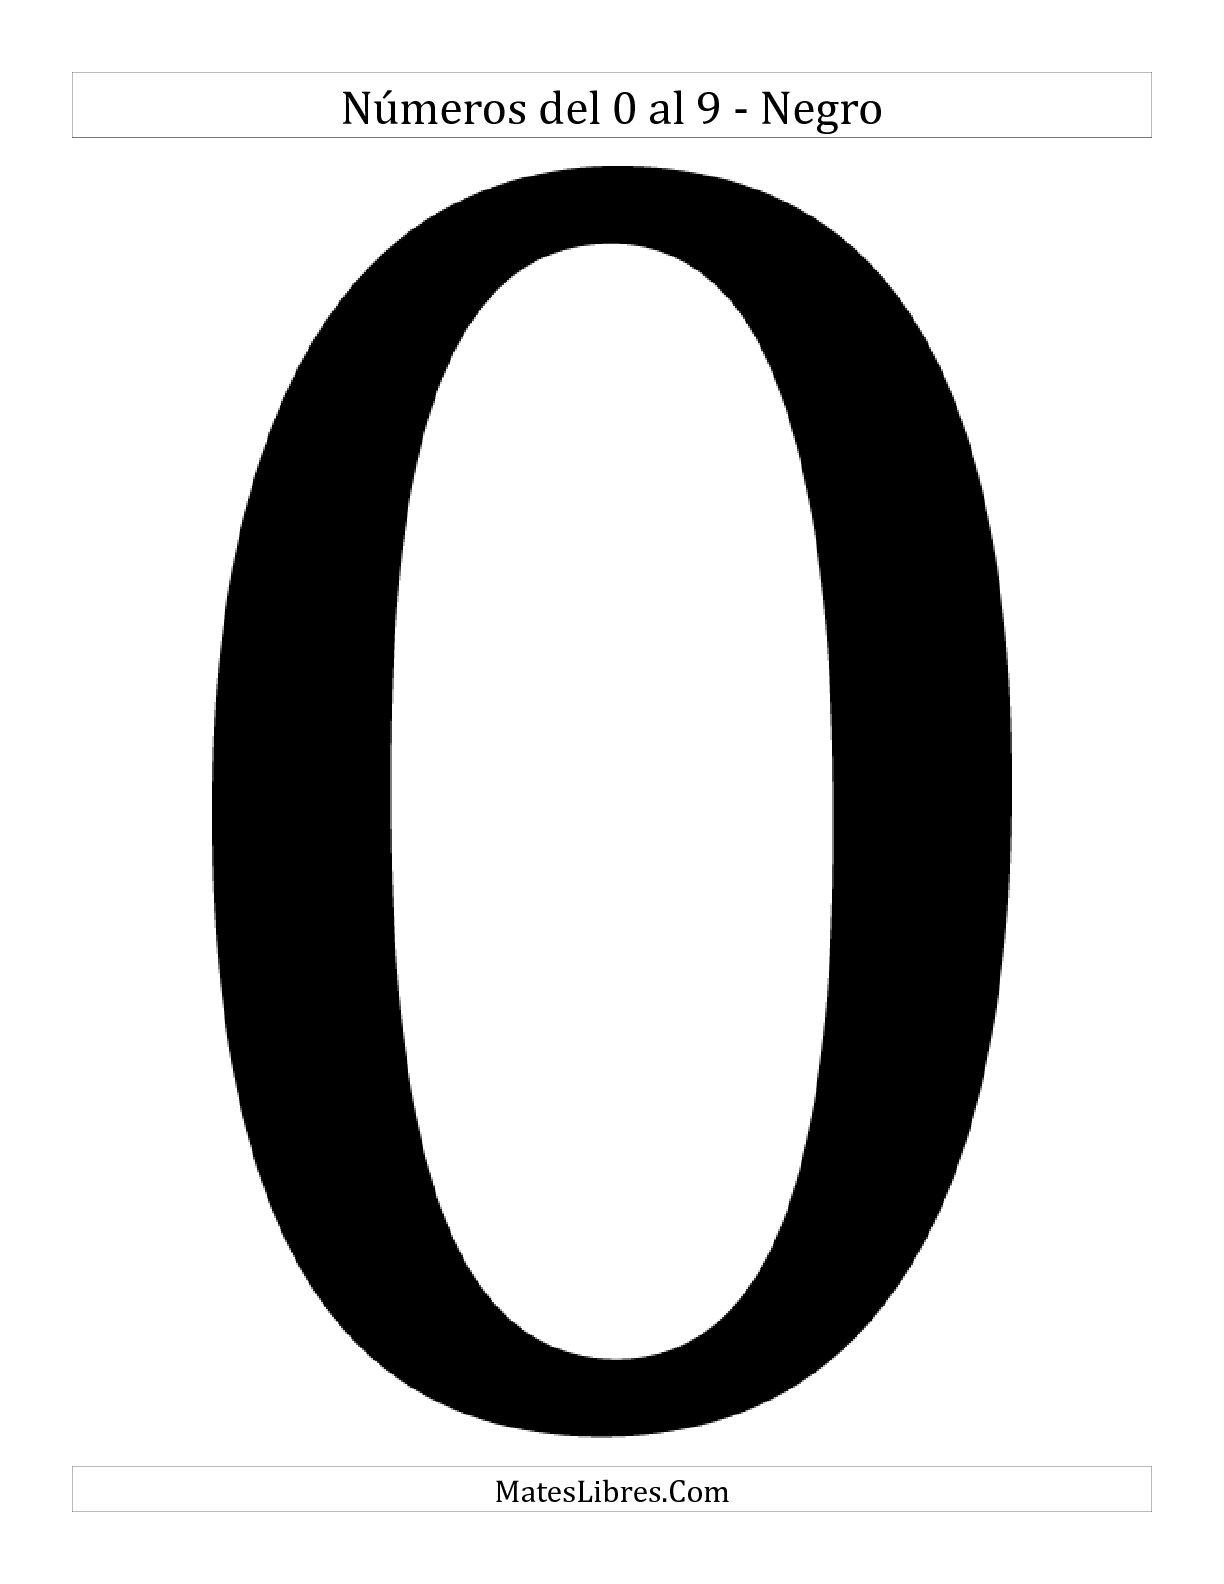 La Dígitos en Blanco y Negro Hoja de Ejercicio de Sentido Numérico